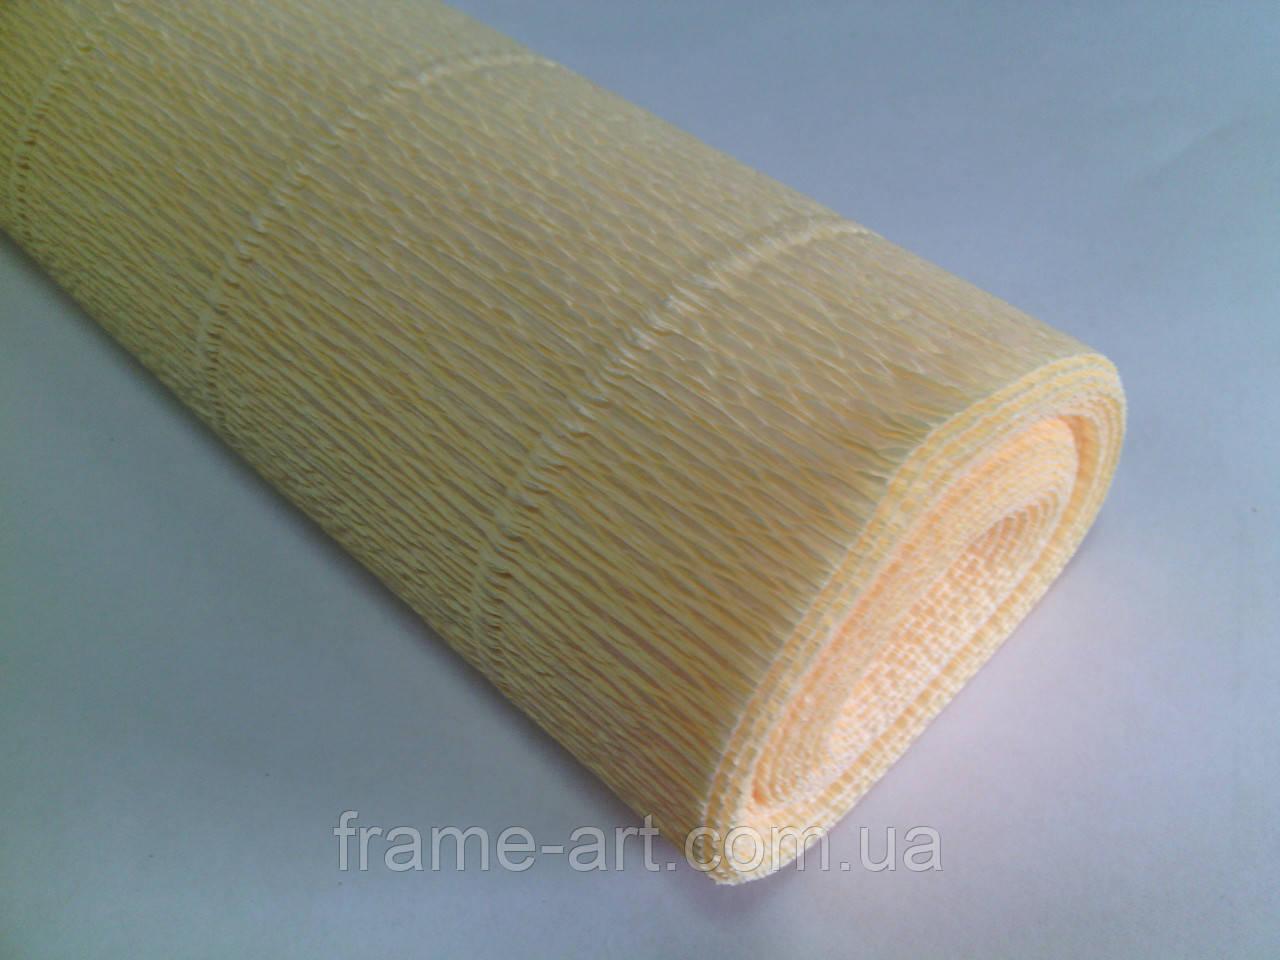 Креп-бумага Италия 50см*2,5м 180г/м2 577 светло-желтый 074